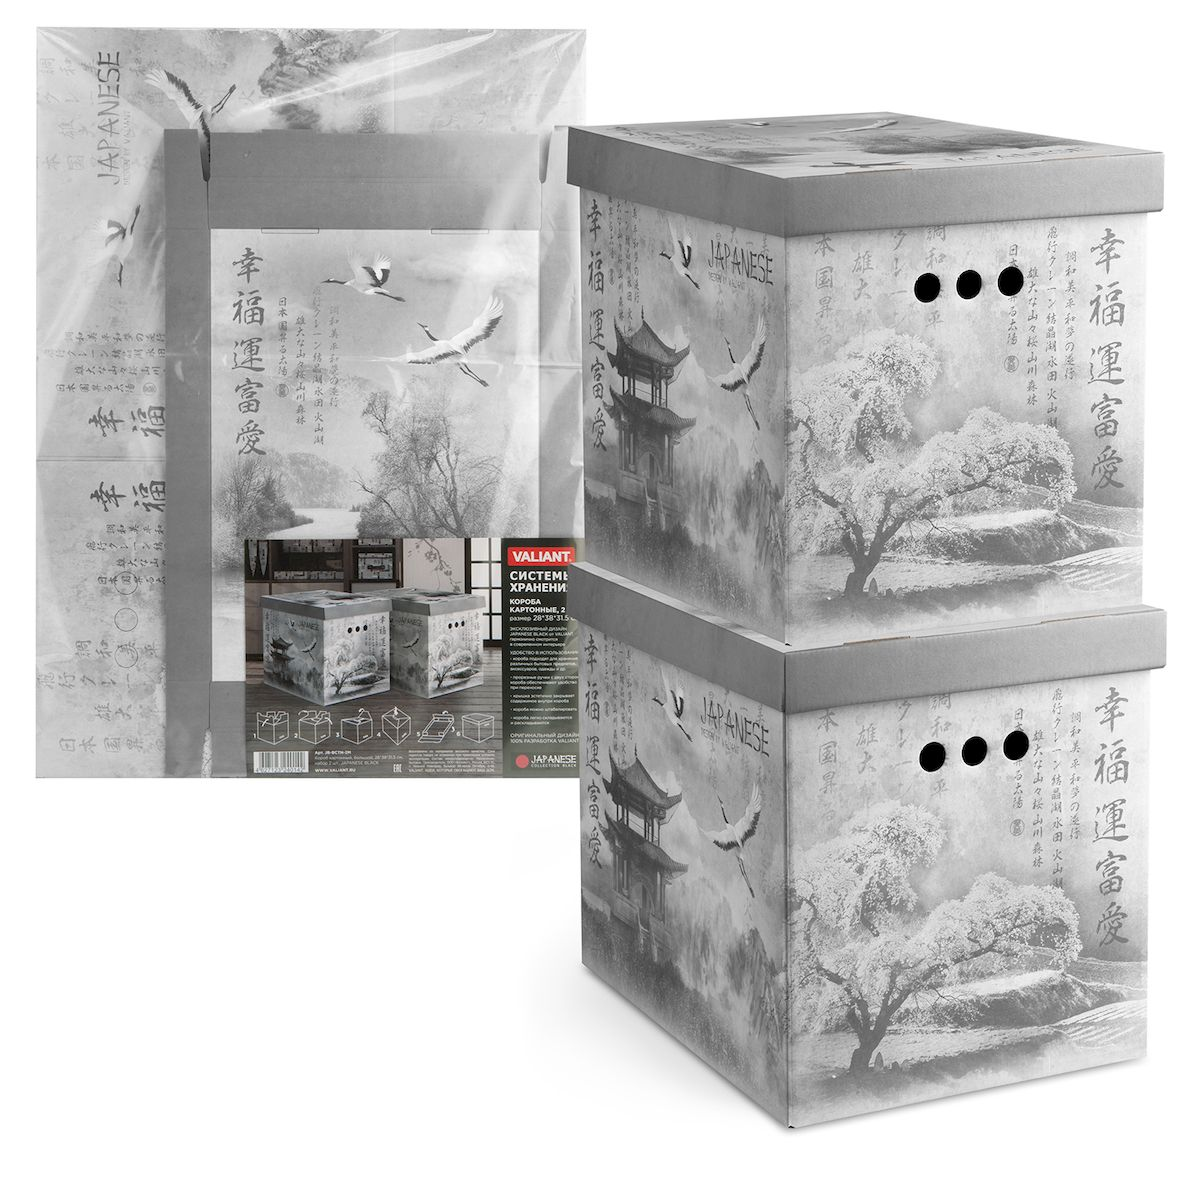 """Короб для хранения Valiant """"Japanese Black"""" изготовлен из картона. Изделие легко и быстро складывается. Оснащен крышкой и тремя отверстиями, которые позволяют удобно его выдвигать. Такой короб прекрасно подойдет для хранения бытовых мелочей, аксессуаров для рукоделия и других мелких предметов. С ним все мелкие вещи будут храниться аккуратно и не потеряются. Размер изделия (в собранном виде): 28 х 38 х 31,5 см."""